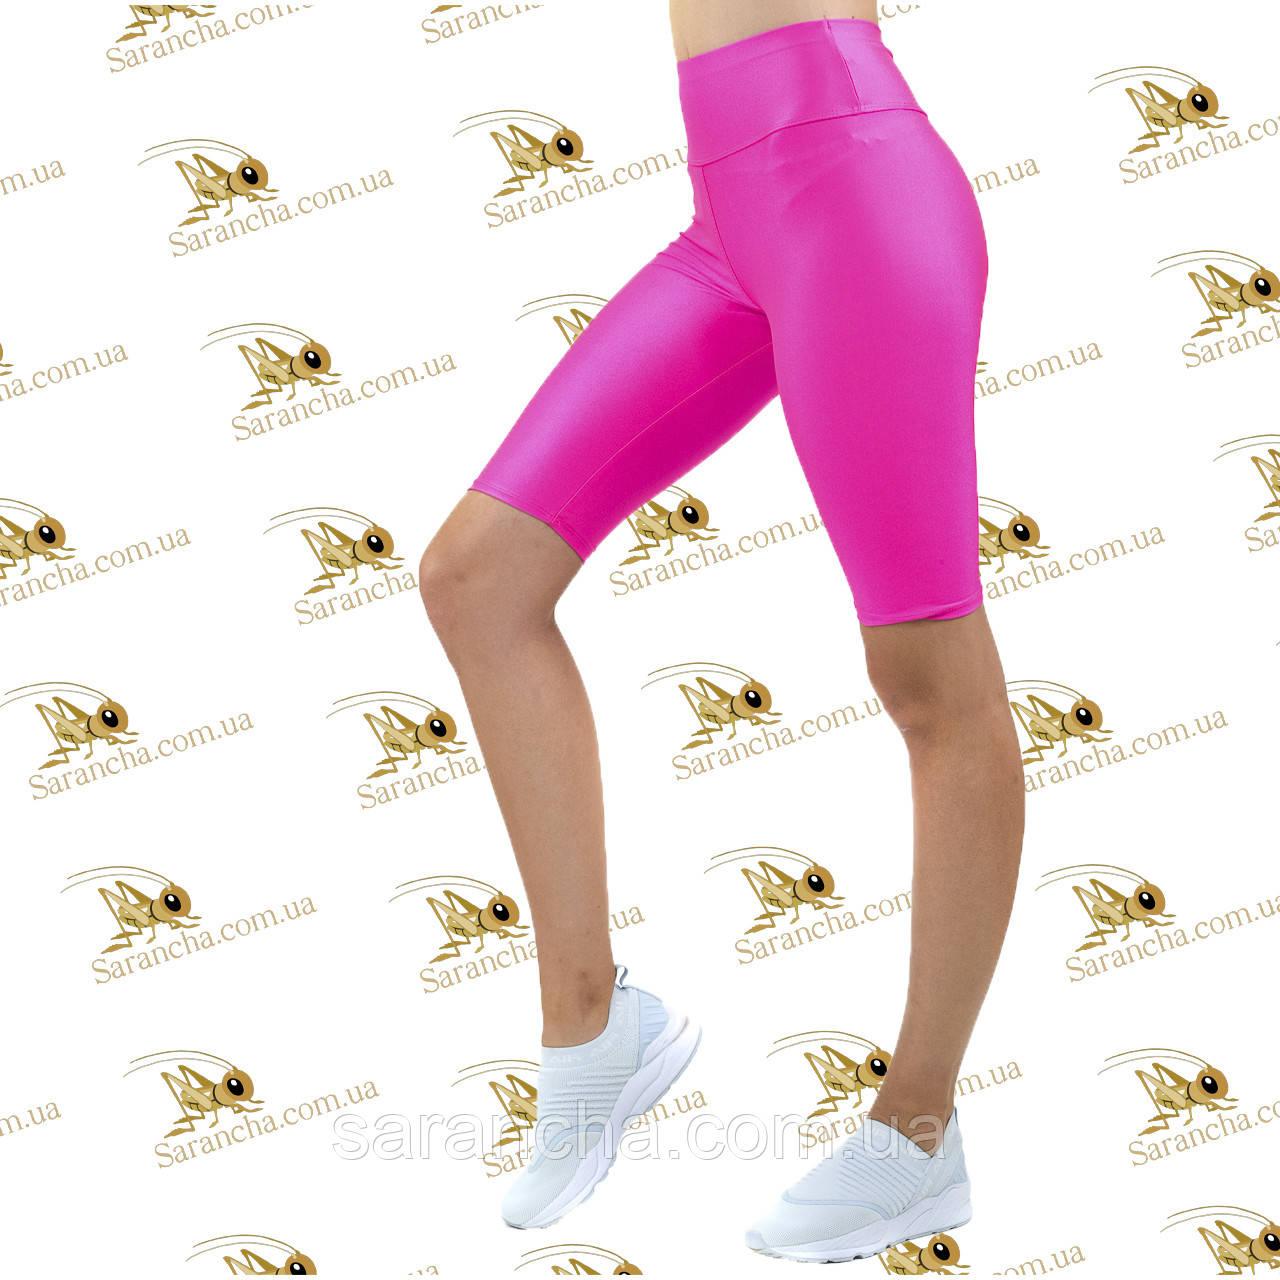 Велосипедки женские из бифлекса ярко-розового цвета